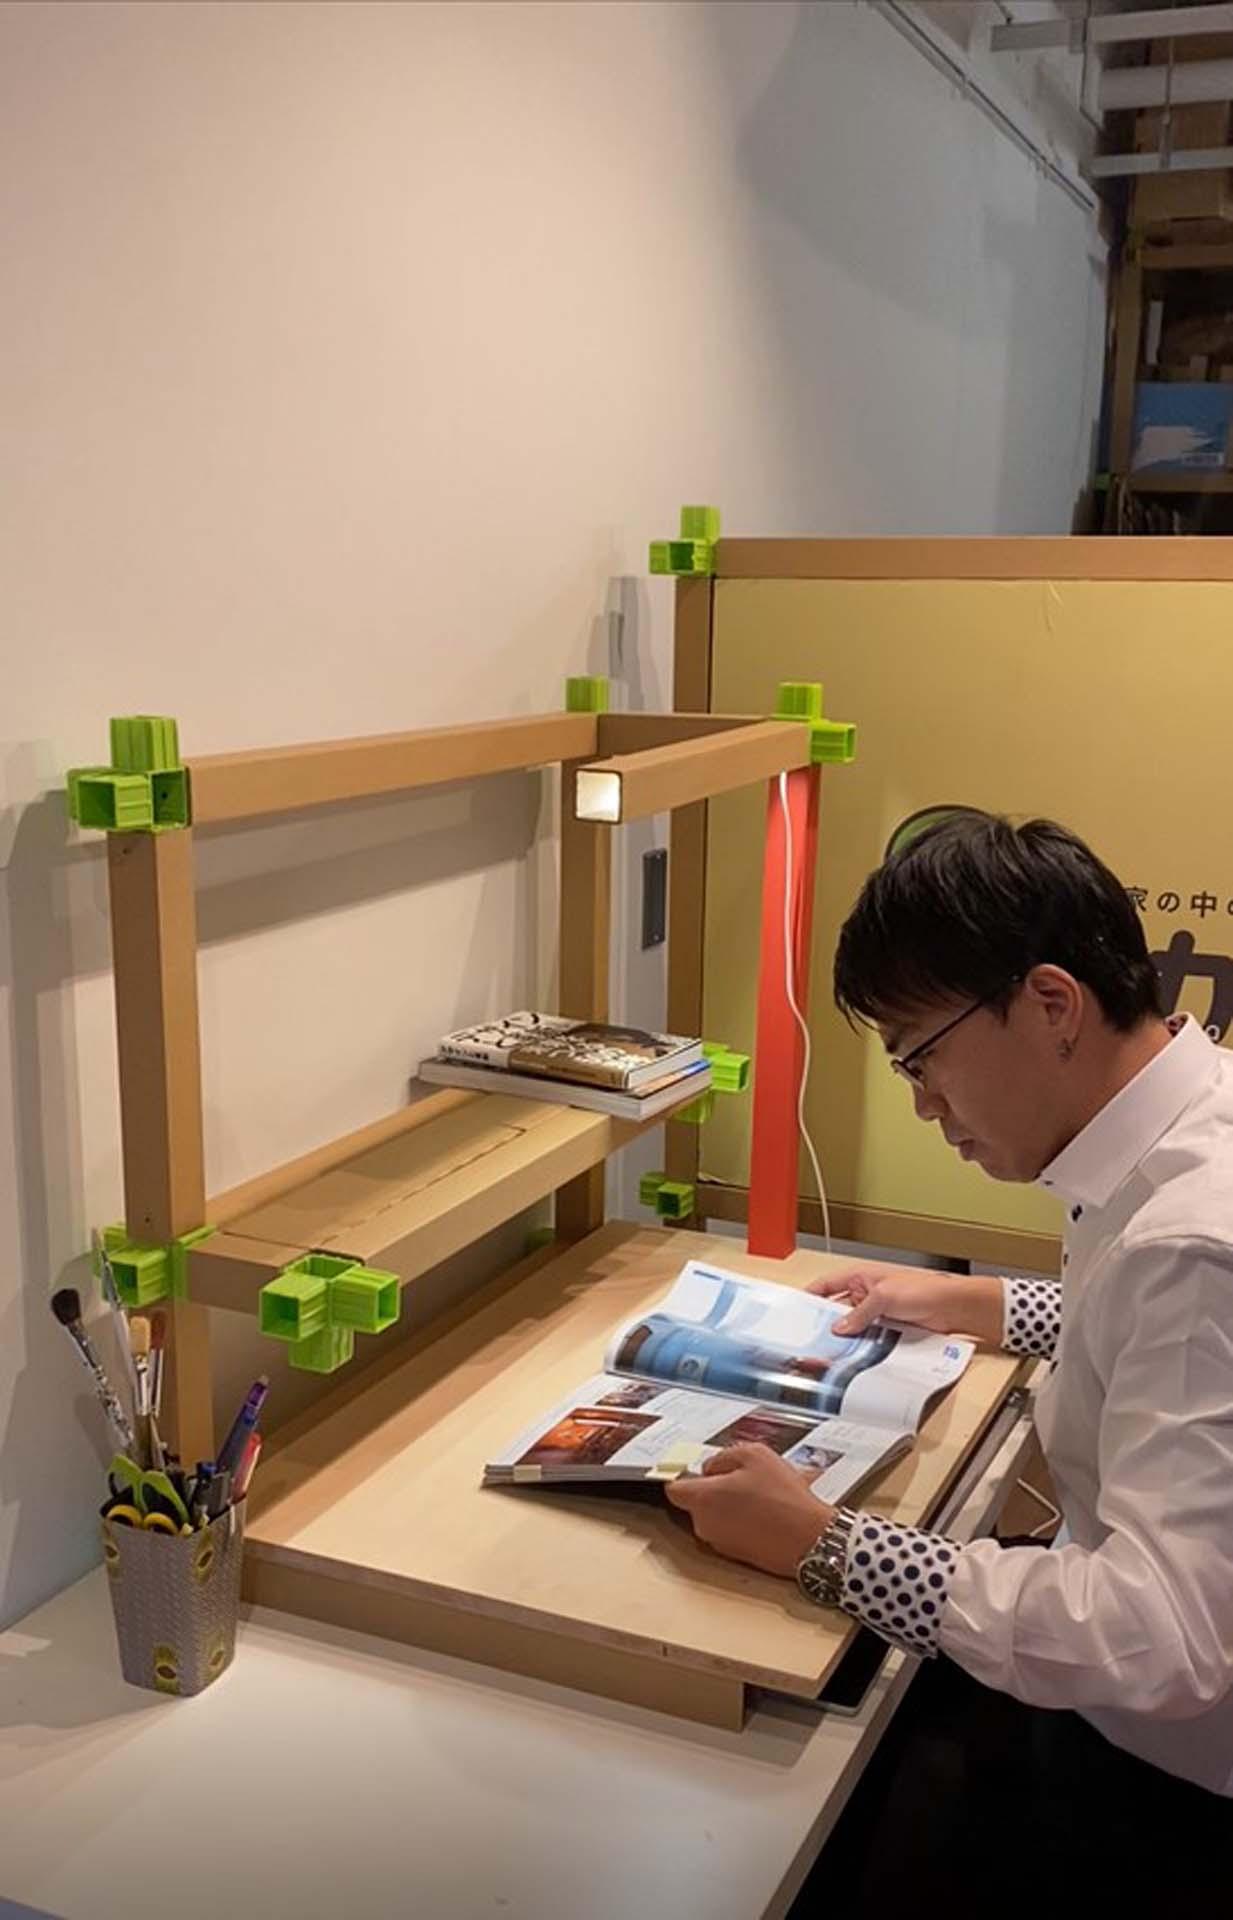 カカポでやってみた第9回 〜デスクトップ改造編〜